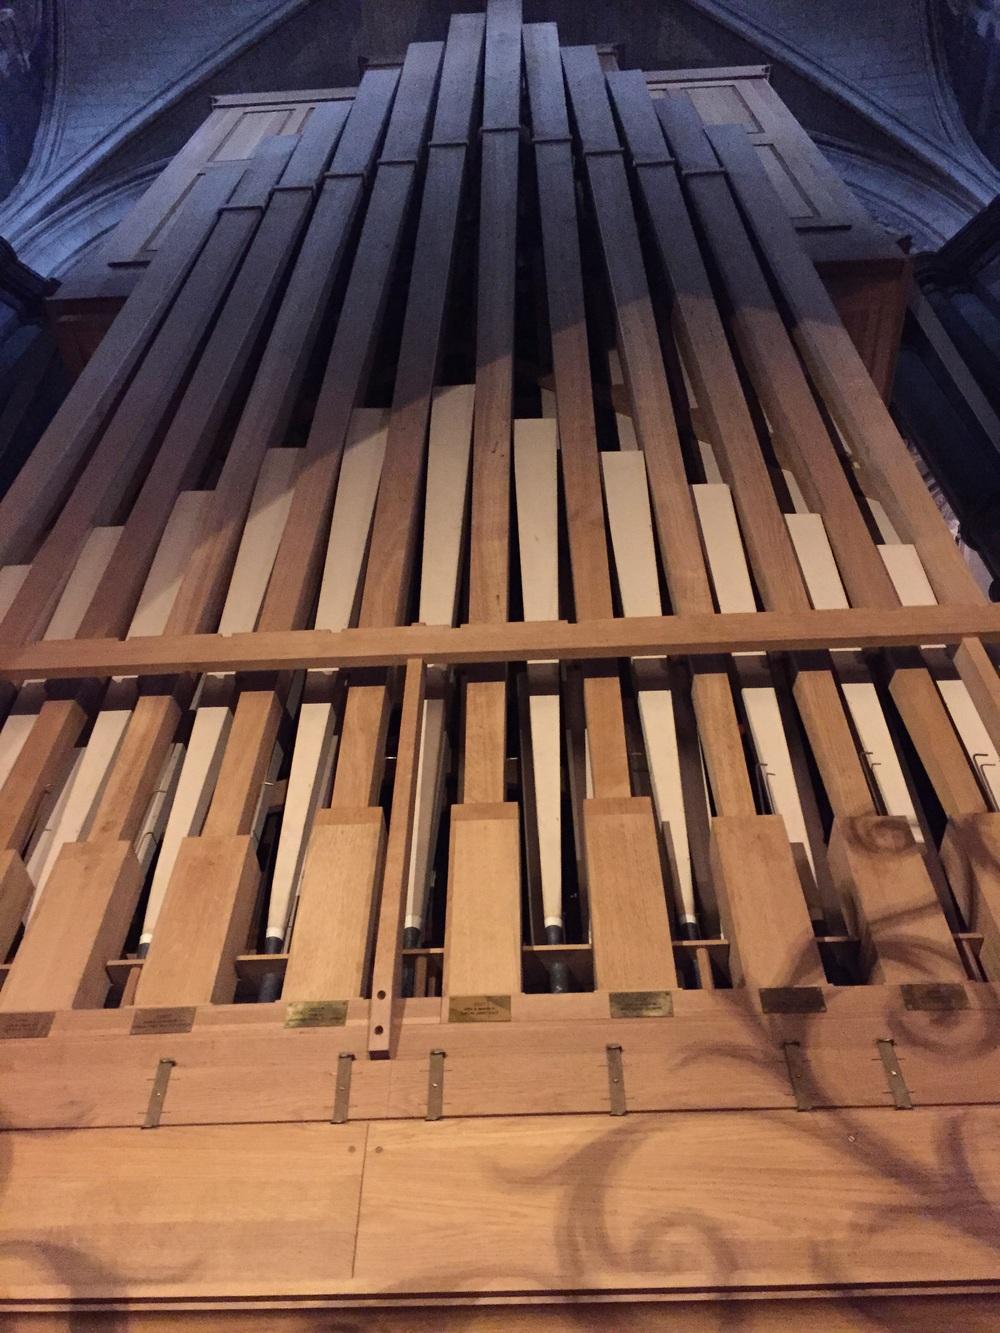 Huge organ pipes.